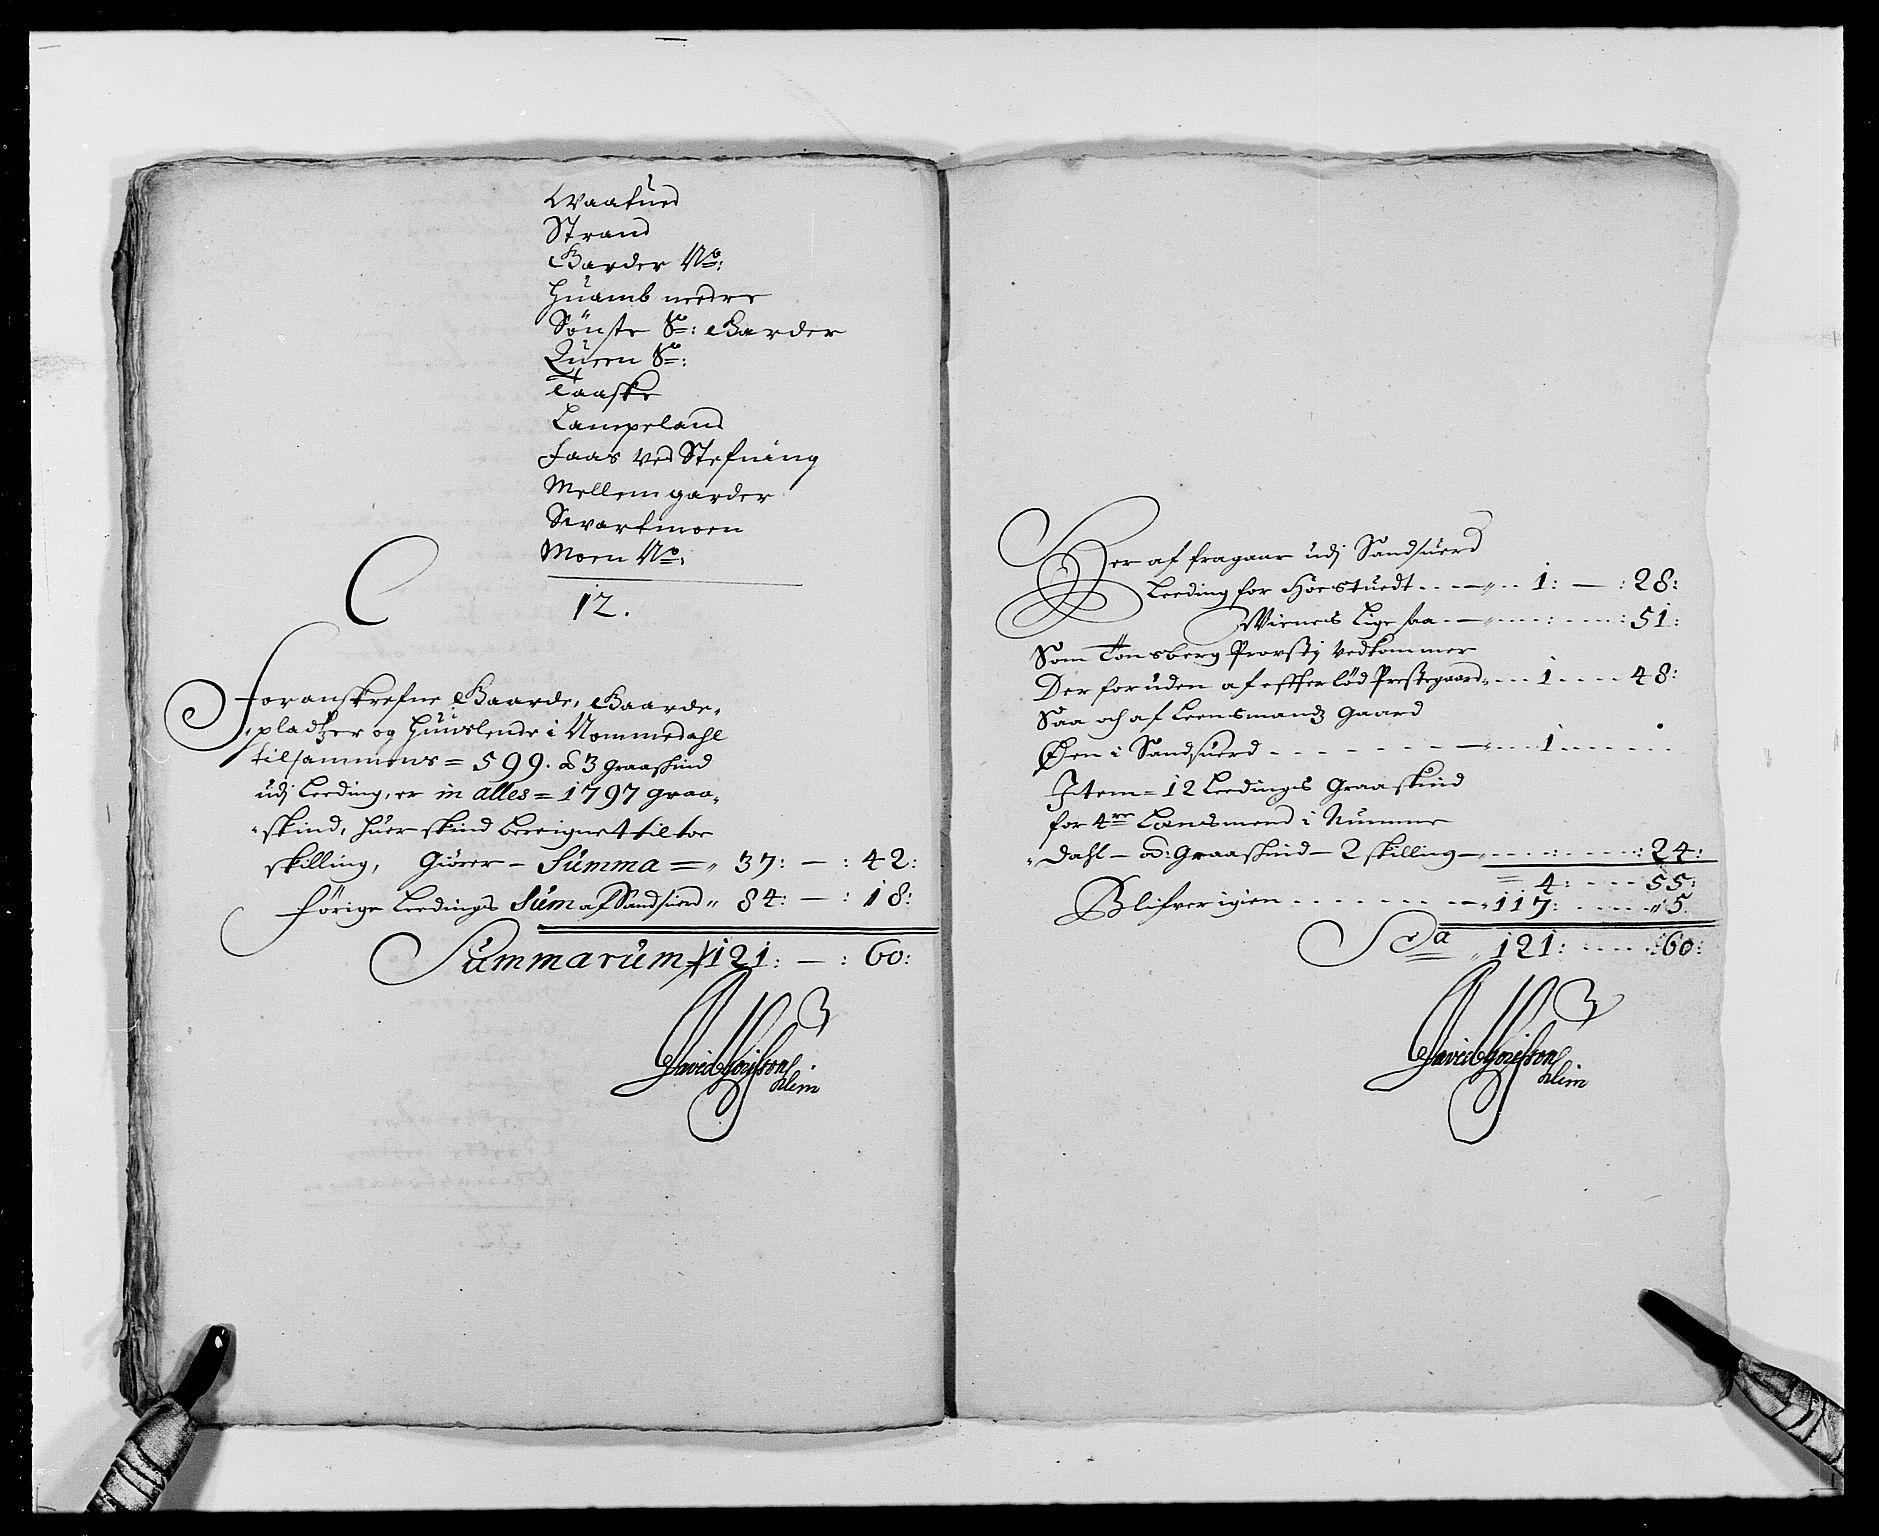 RA, Rentekammeret inntil 1814, Reviderte regnskaper, Fogderegnskap, R24/L1573: Fogderegnskap Numedal og Sandsvær, 1687-1691, s. 283